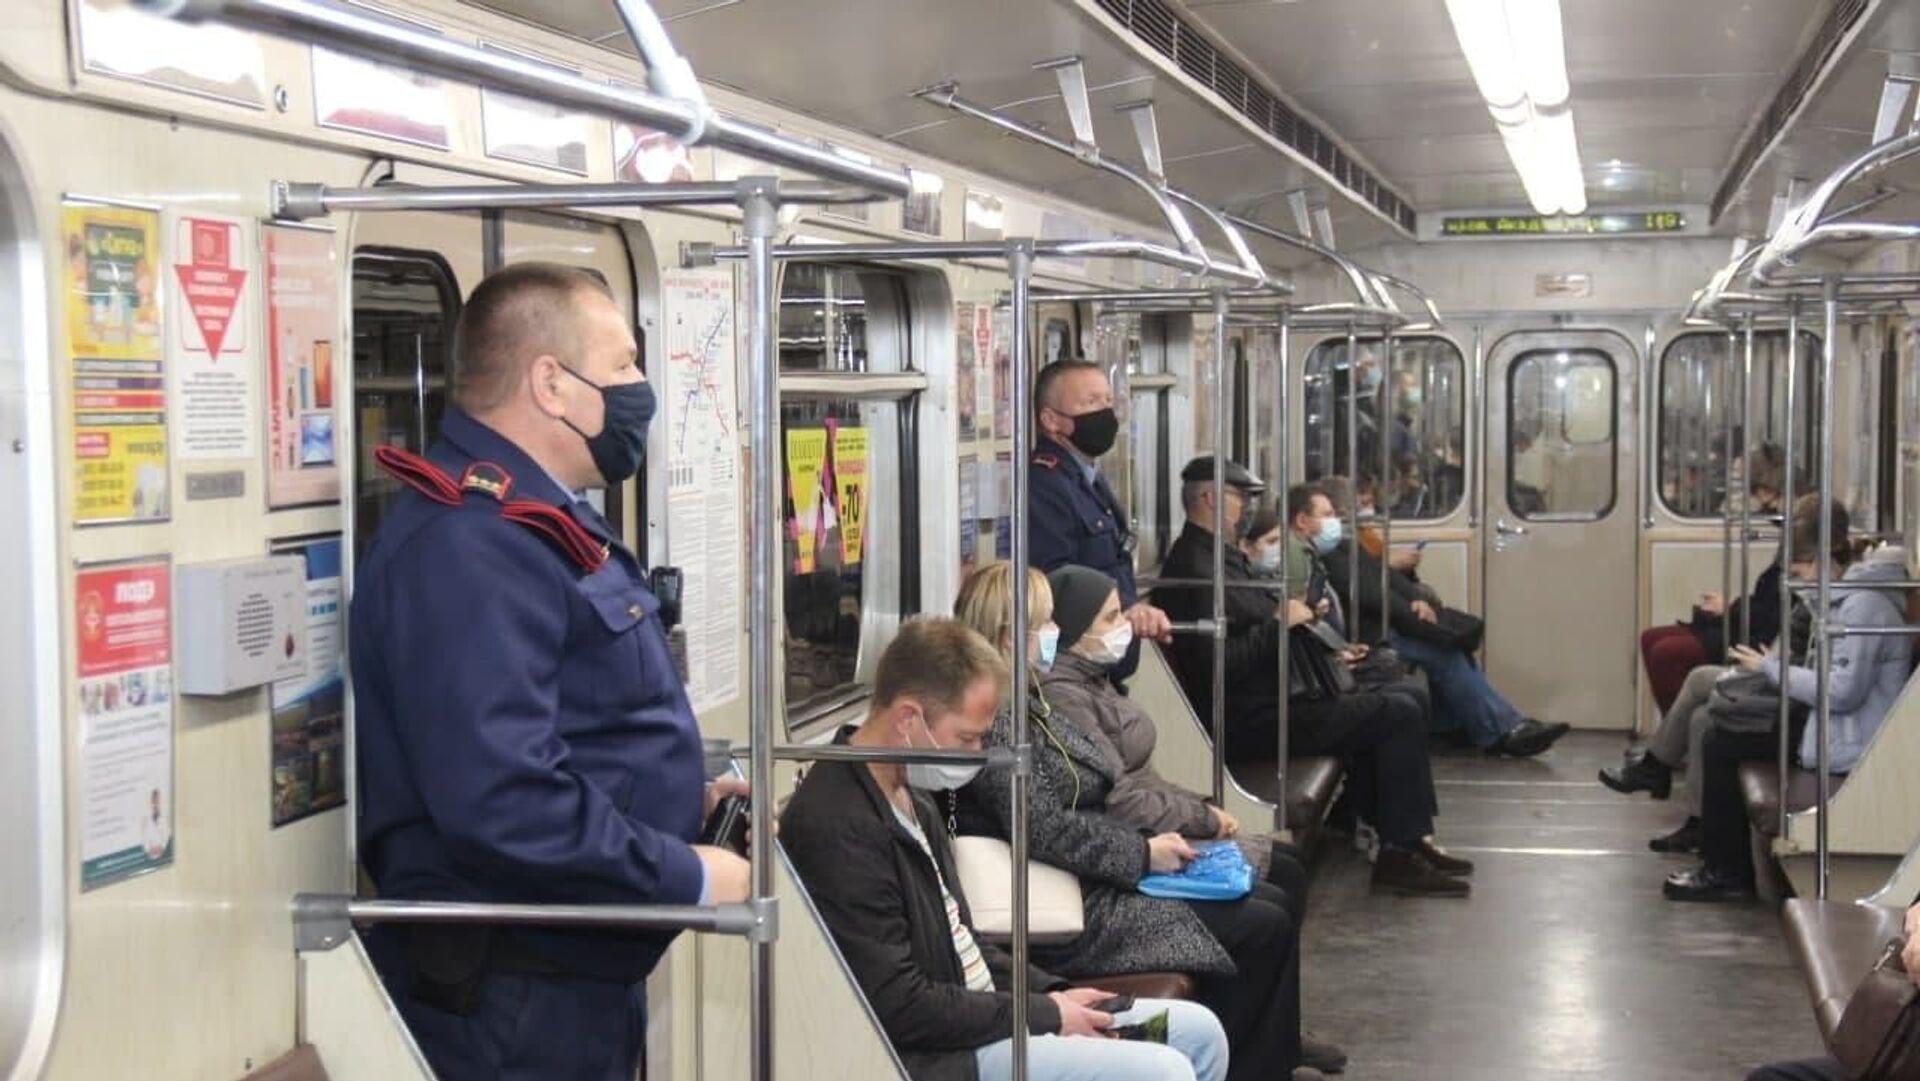 Метрополитен начал проводить рейды: следят за соблюдение масочного режима  - Sputnik Беларусь, 1920, 13.10.2021